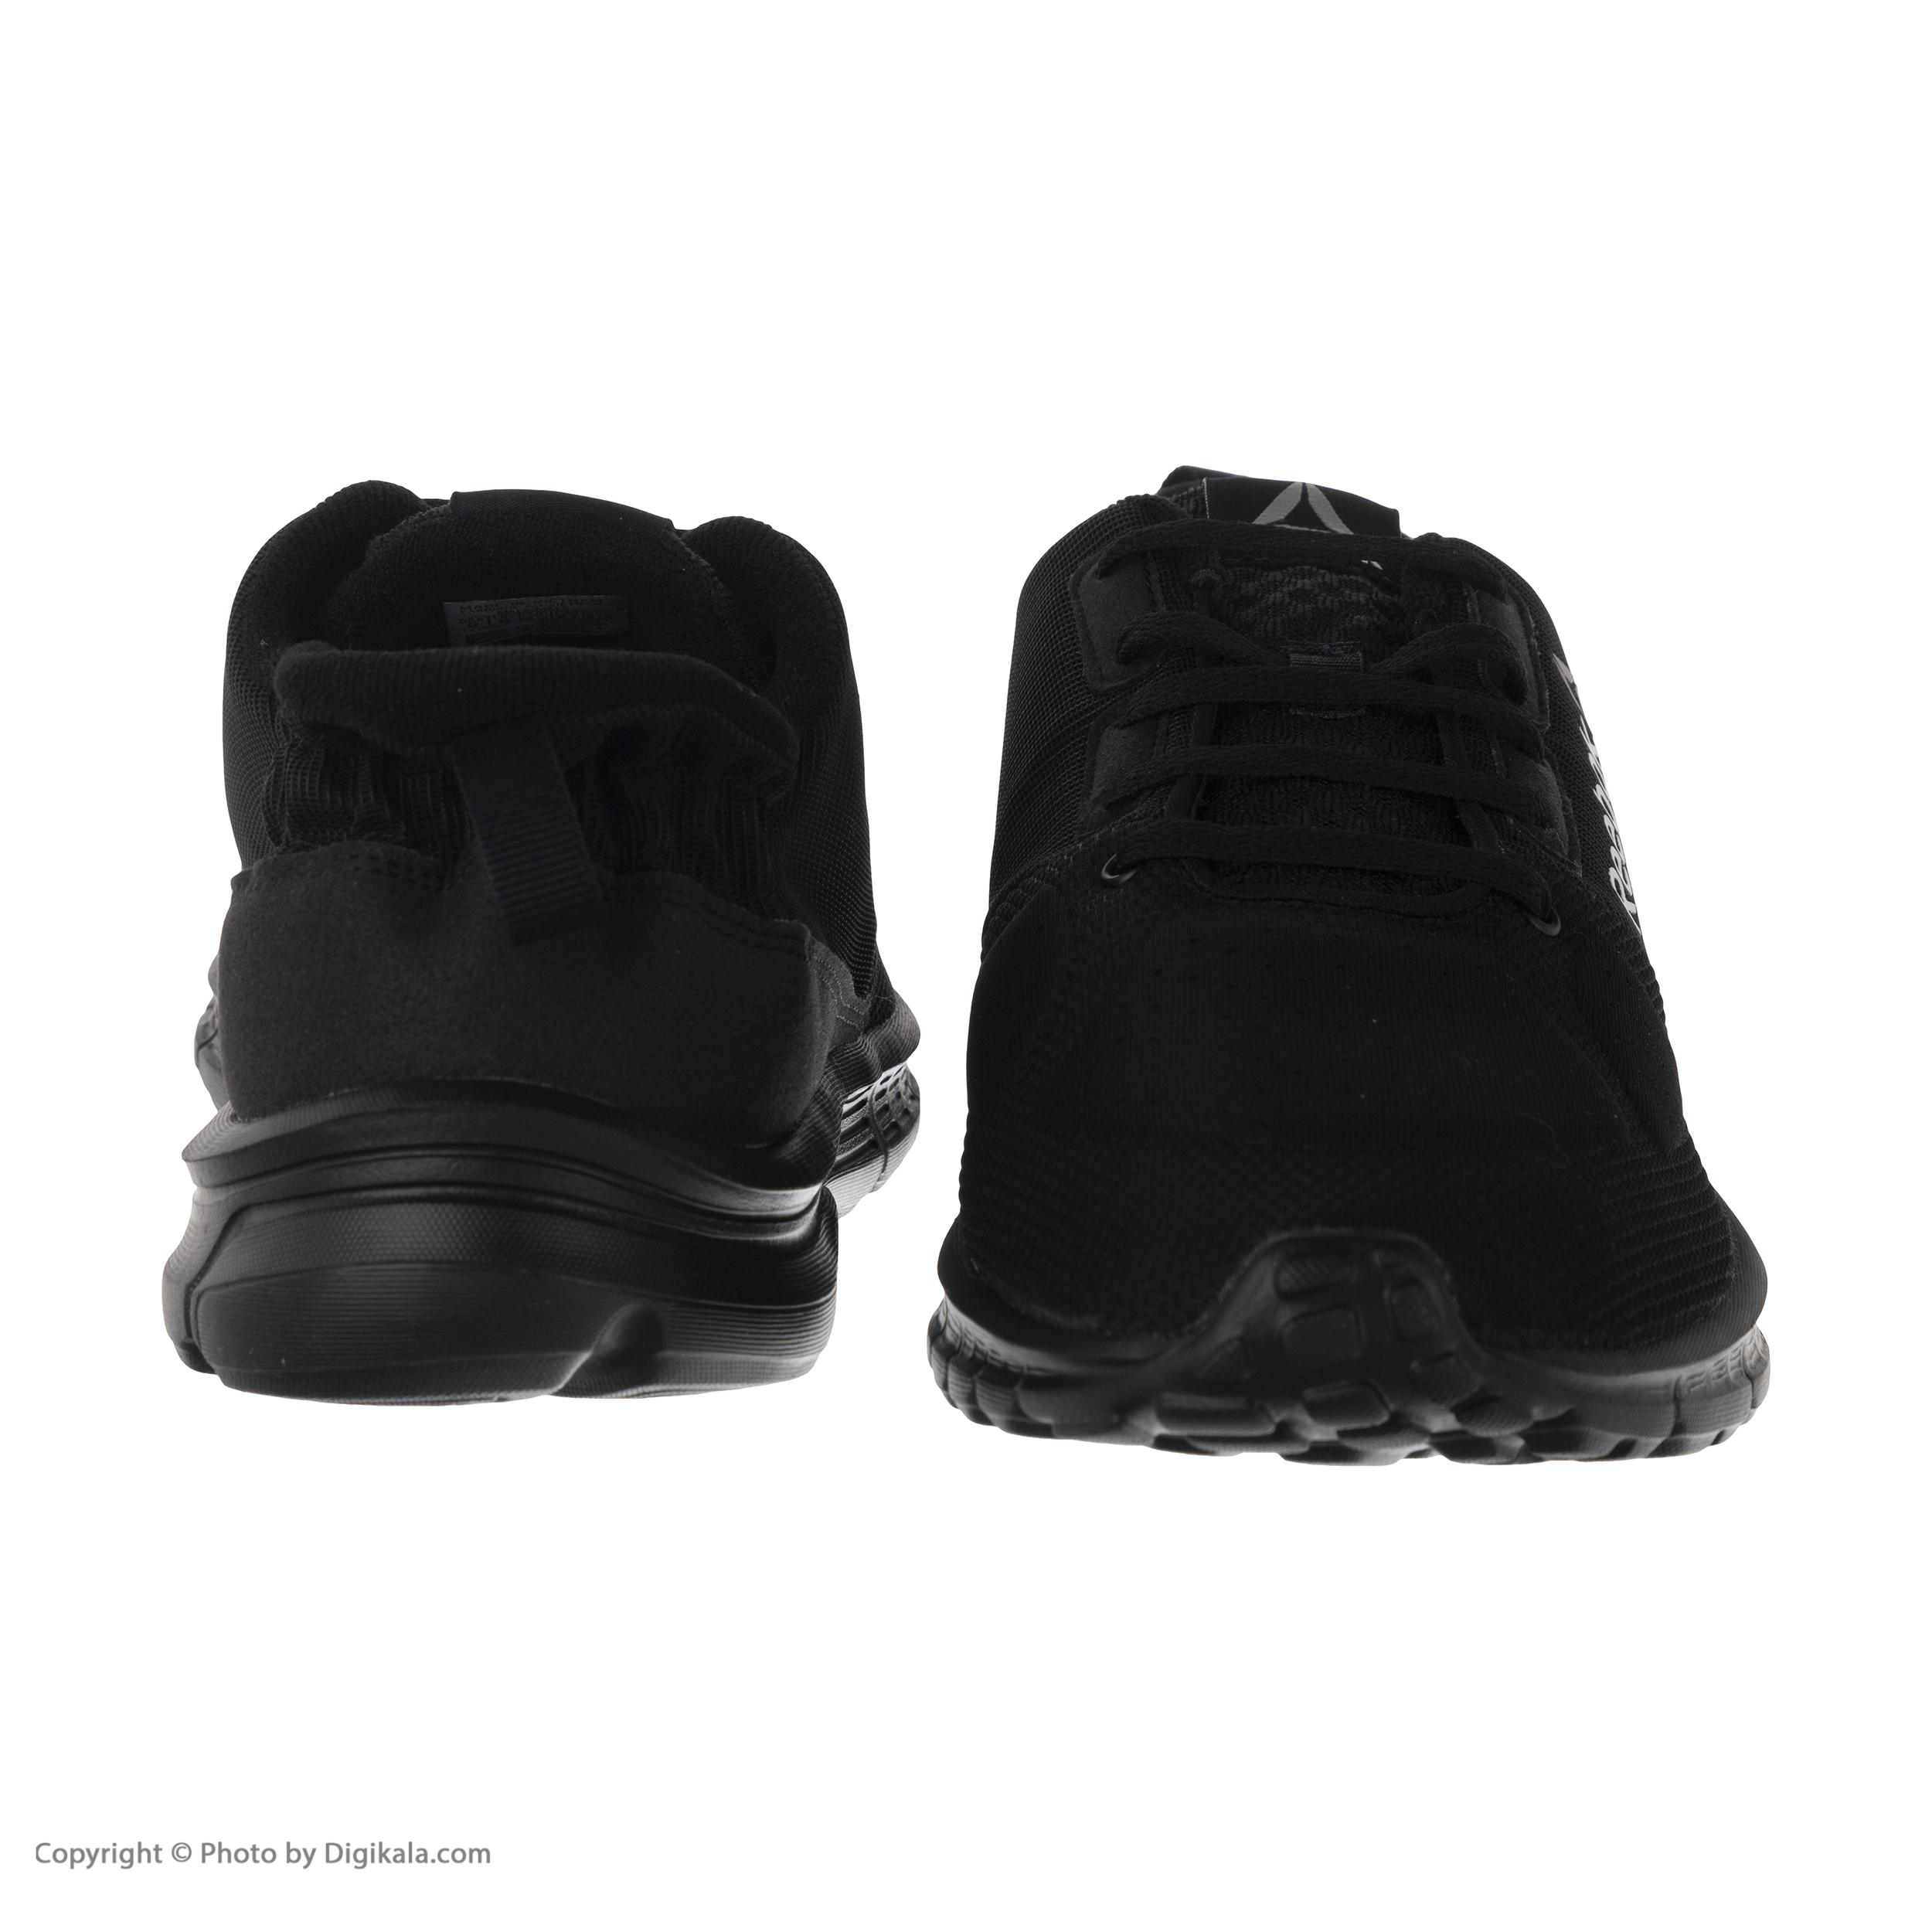 کفش مخصوص دویدن مردانه ریباک مدل Aim mt -  - 4